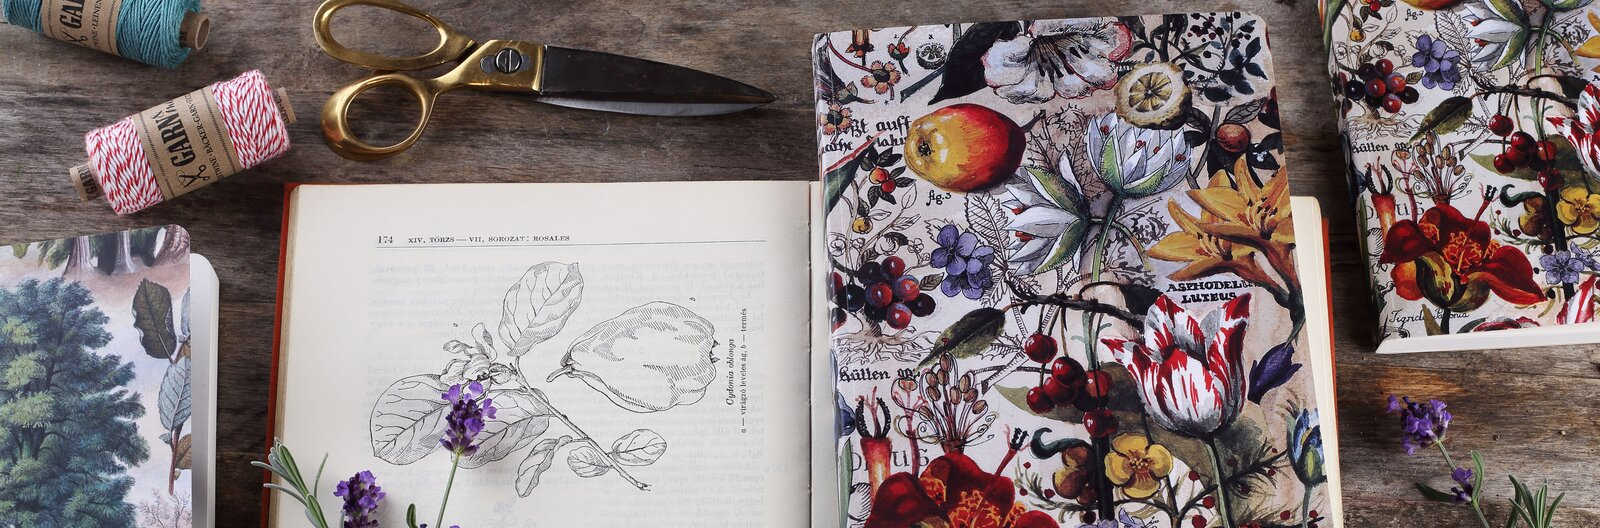 Grafománok, figyelem! – 7 csodás noteszt ajánlunk az őszre